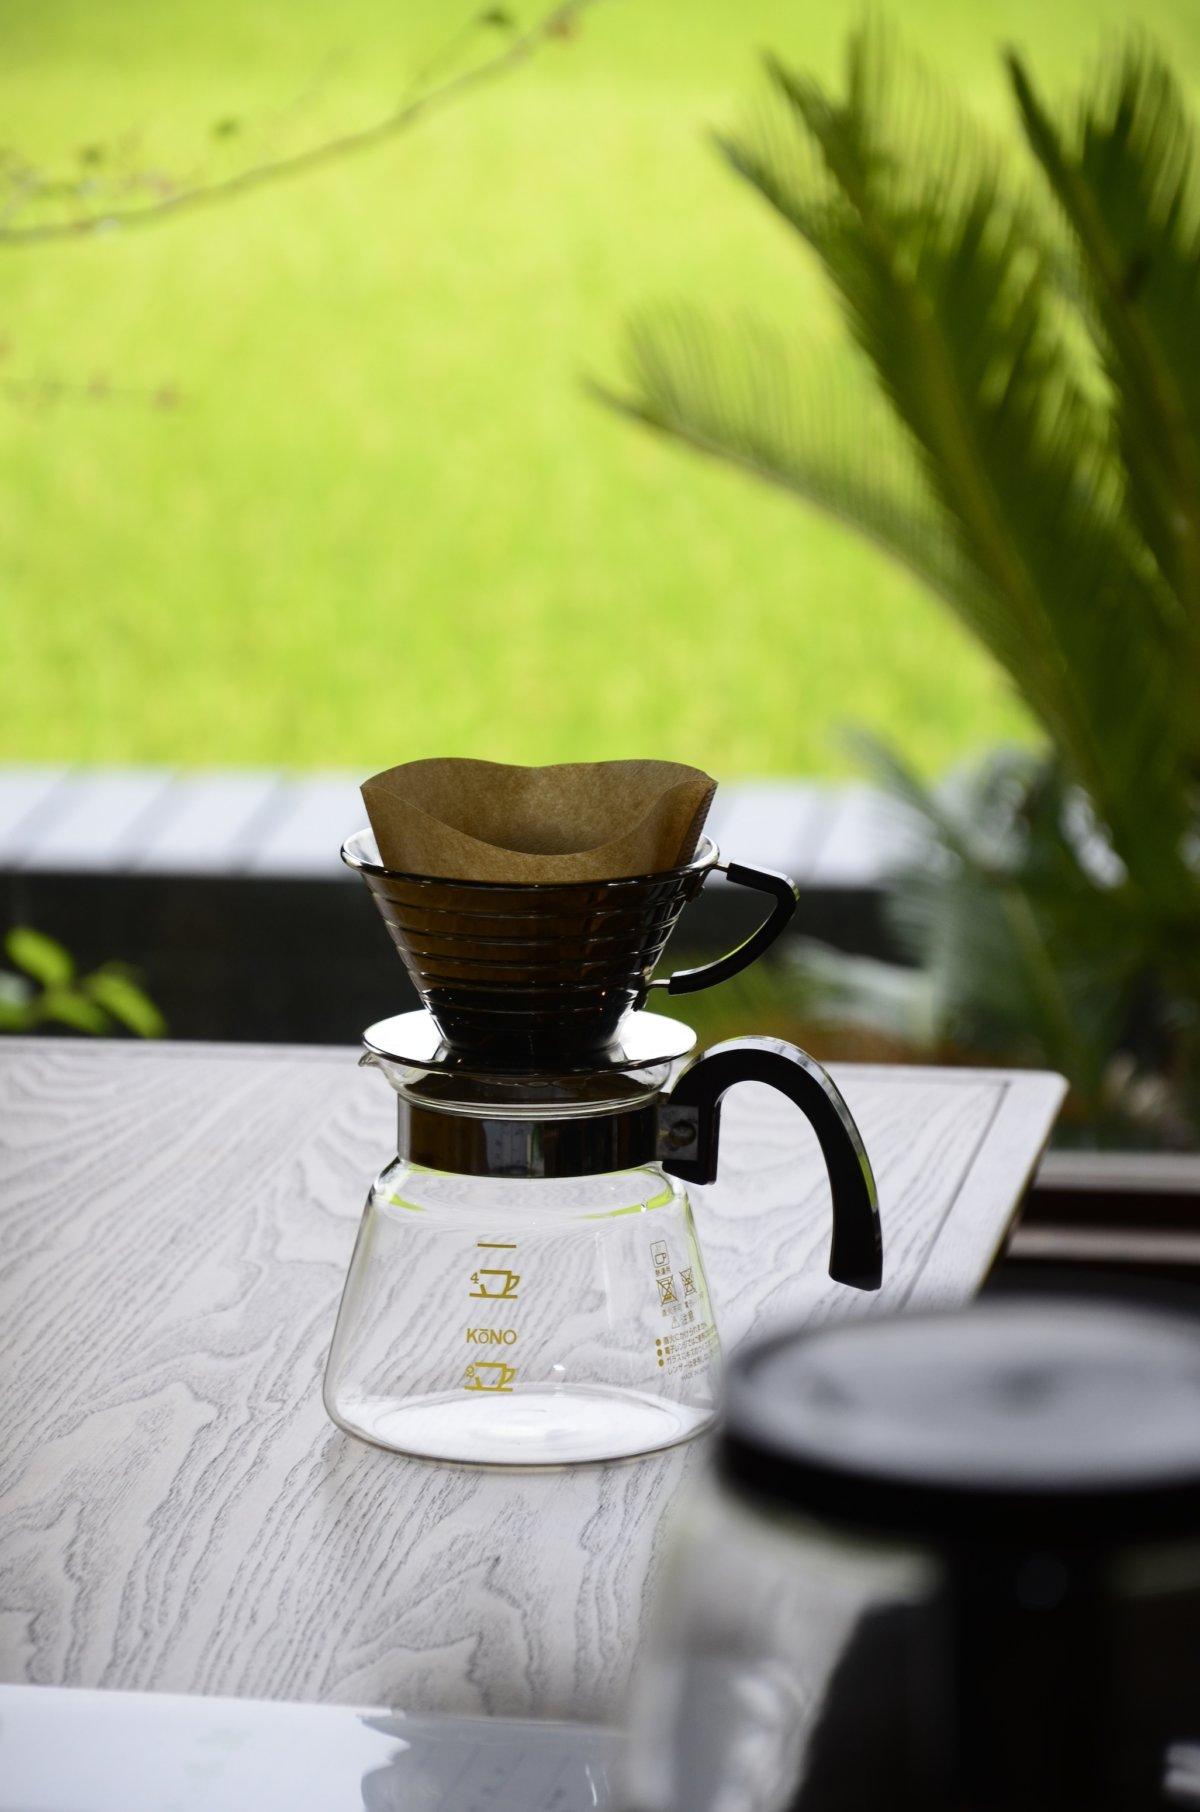 そらやの生豆コーヒー